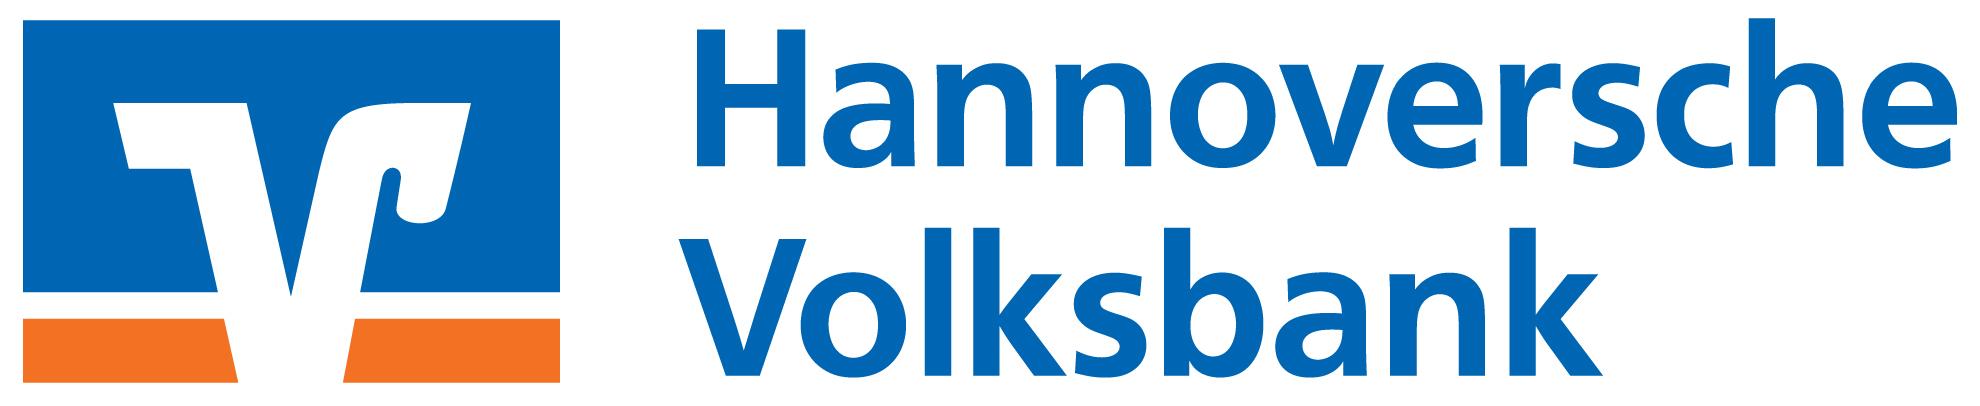 Hannoversche Volksbank eG Geldautomat Hannover (Ernst-August-Galerie)